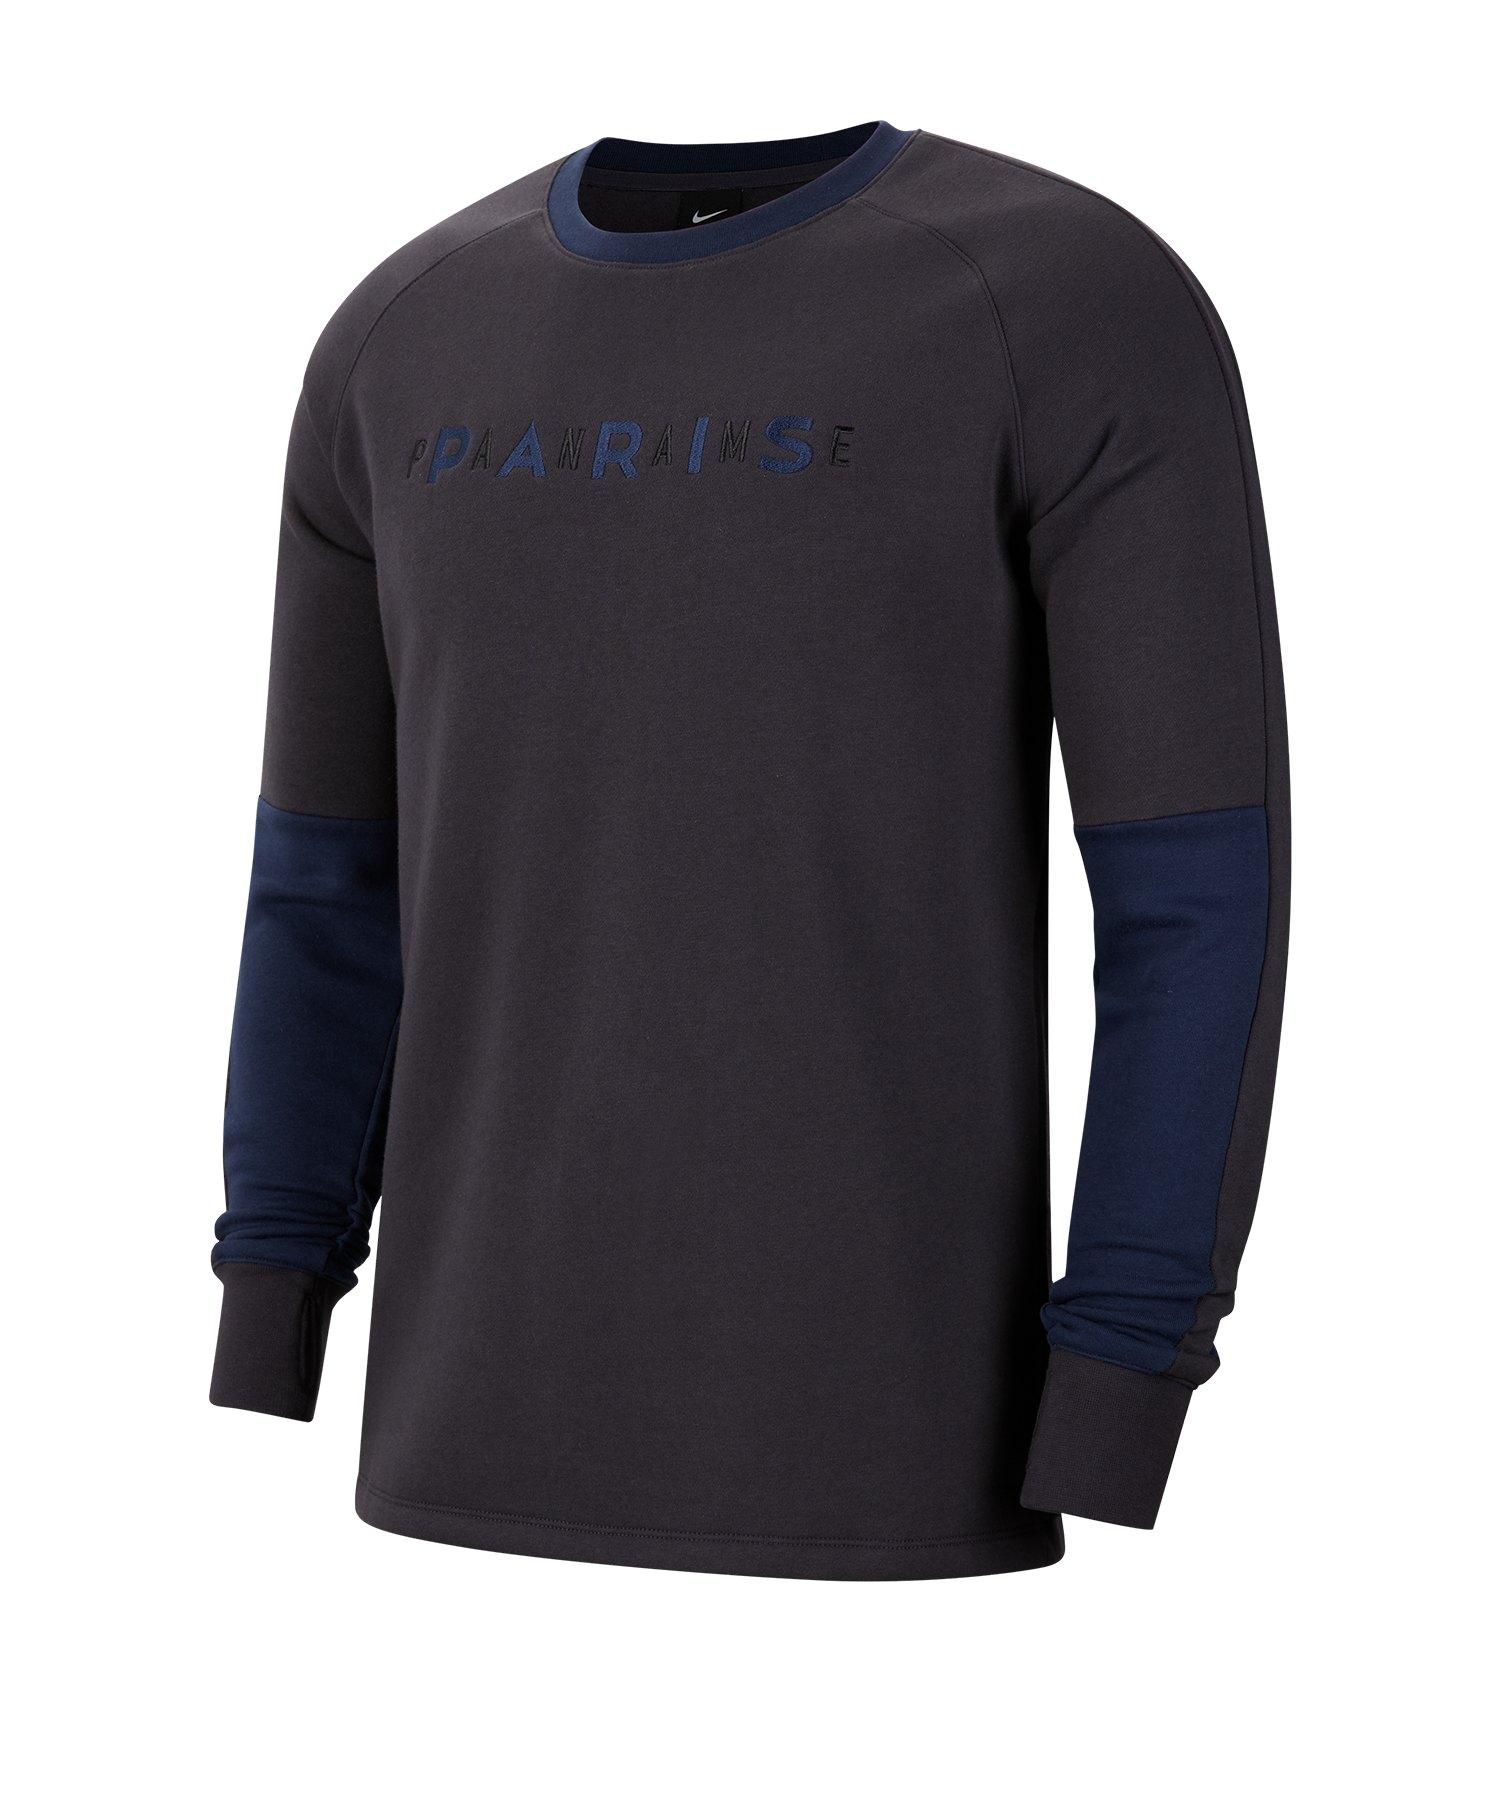 Nike Paris St. Germain Sweatshirt F080 - blau